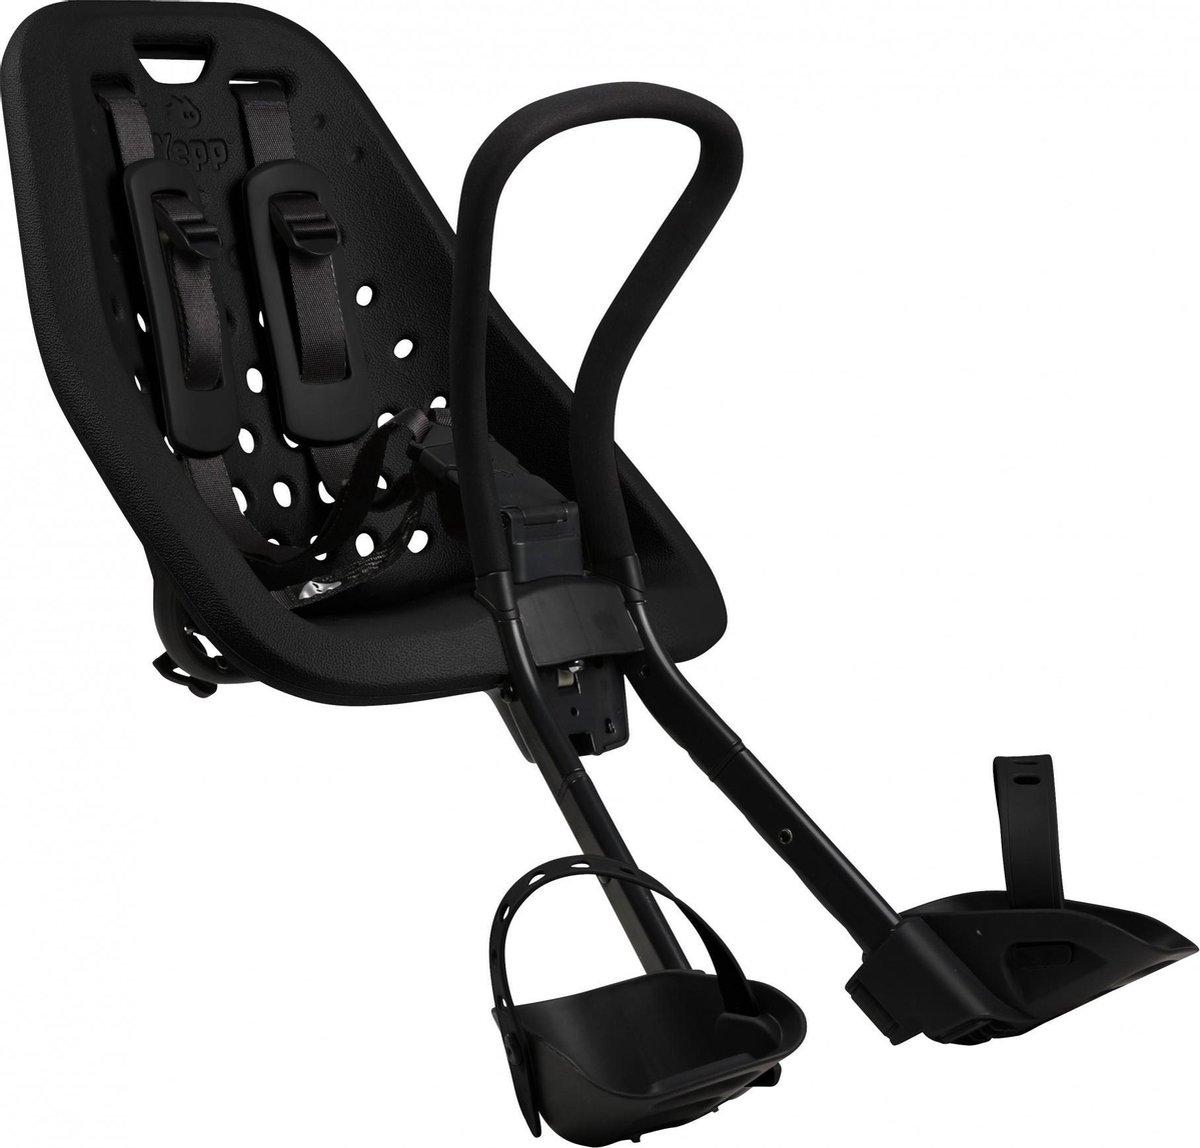 Thule Yepp Mini Fietsstoeltje Voor Stuur - Zwart